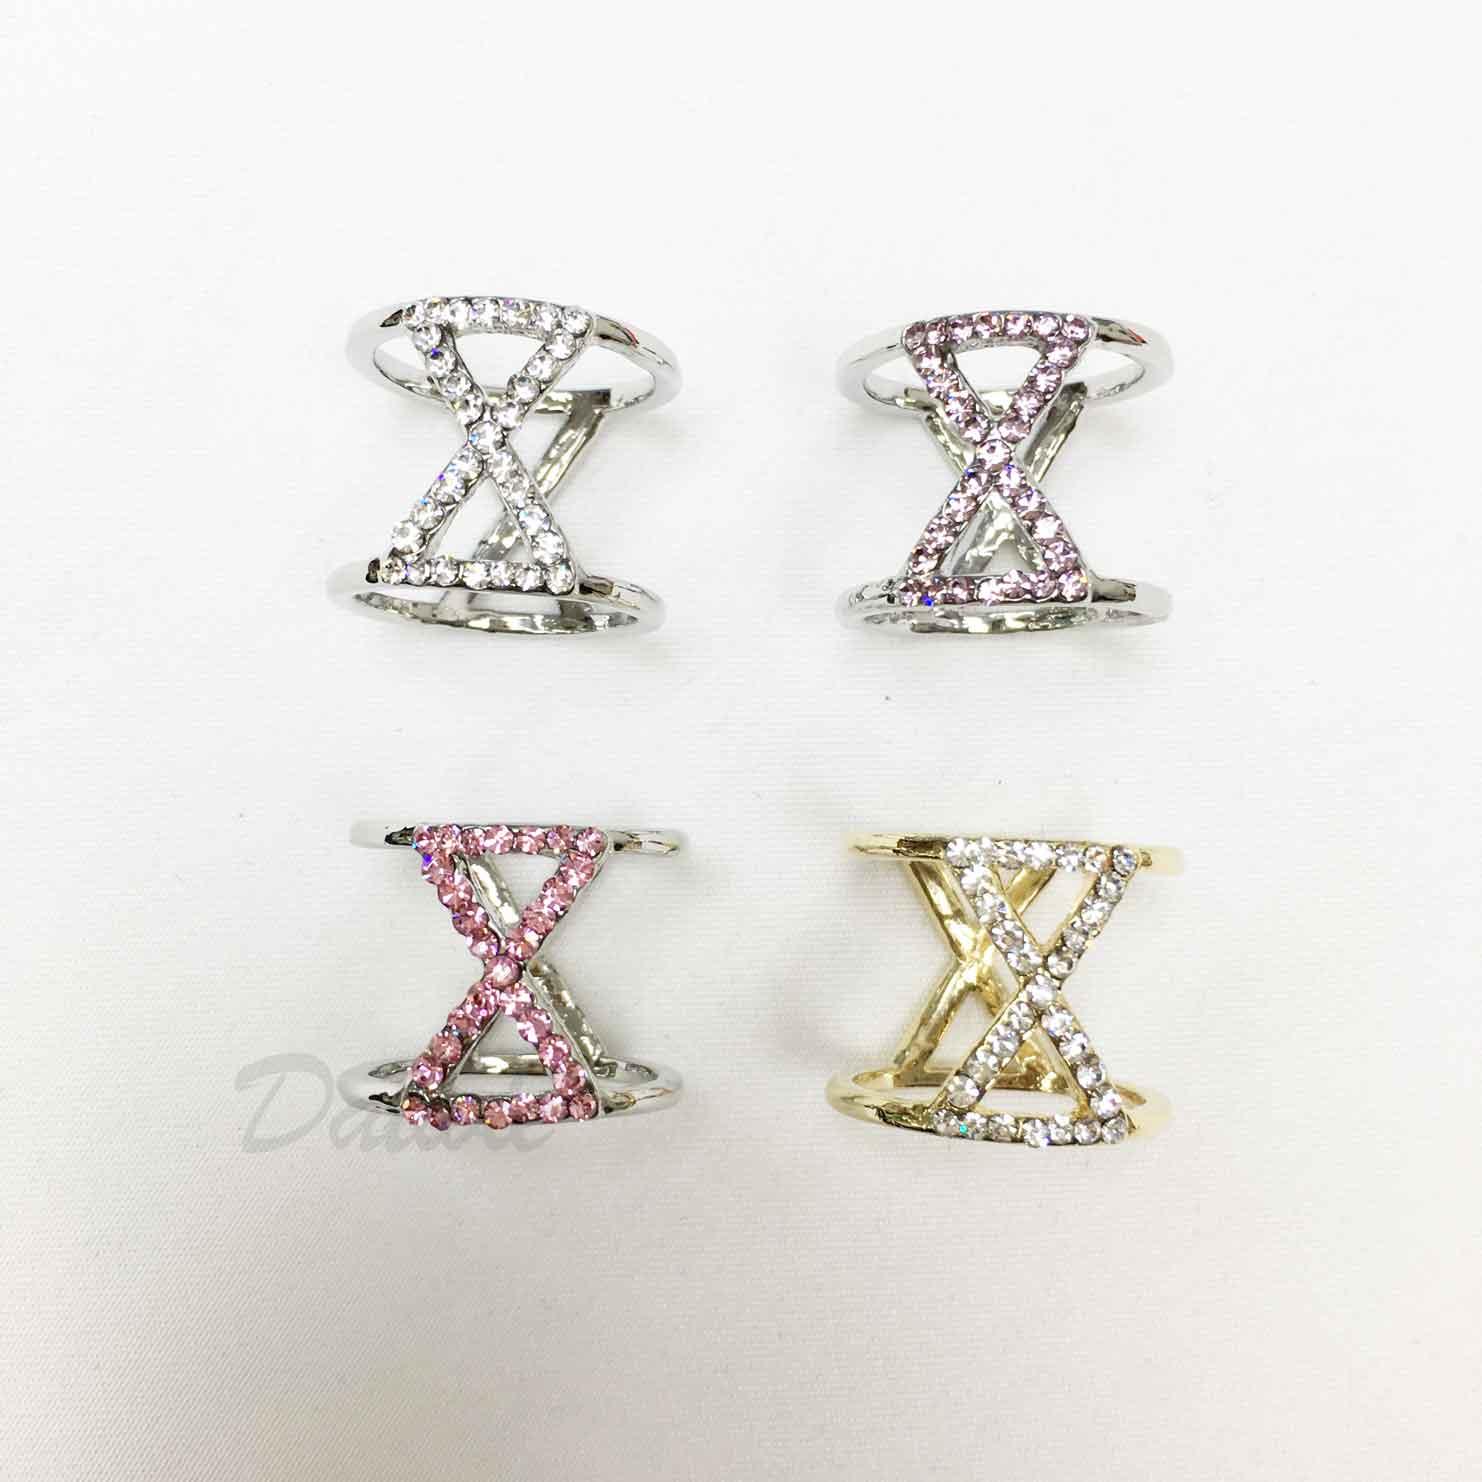 簡約 水鑽 白鑽 粉鑽 紫鑽 交錯 XX 金色 四色 絲巾環